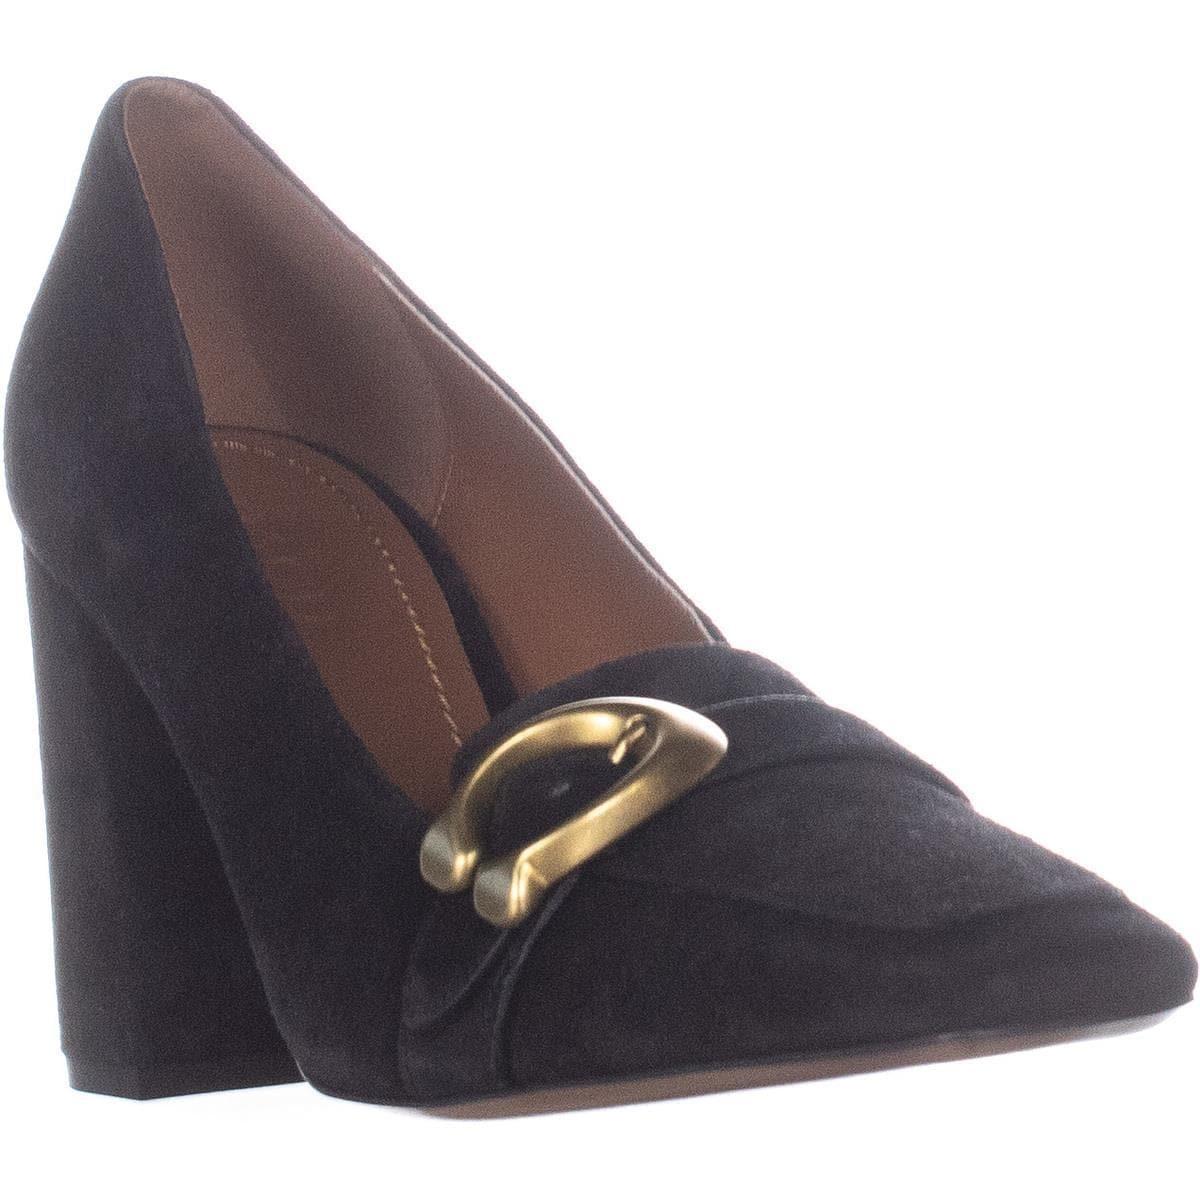 f130d7bd468 Shop Coach Jade Square Toe Block Heel Pumps